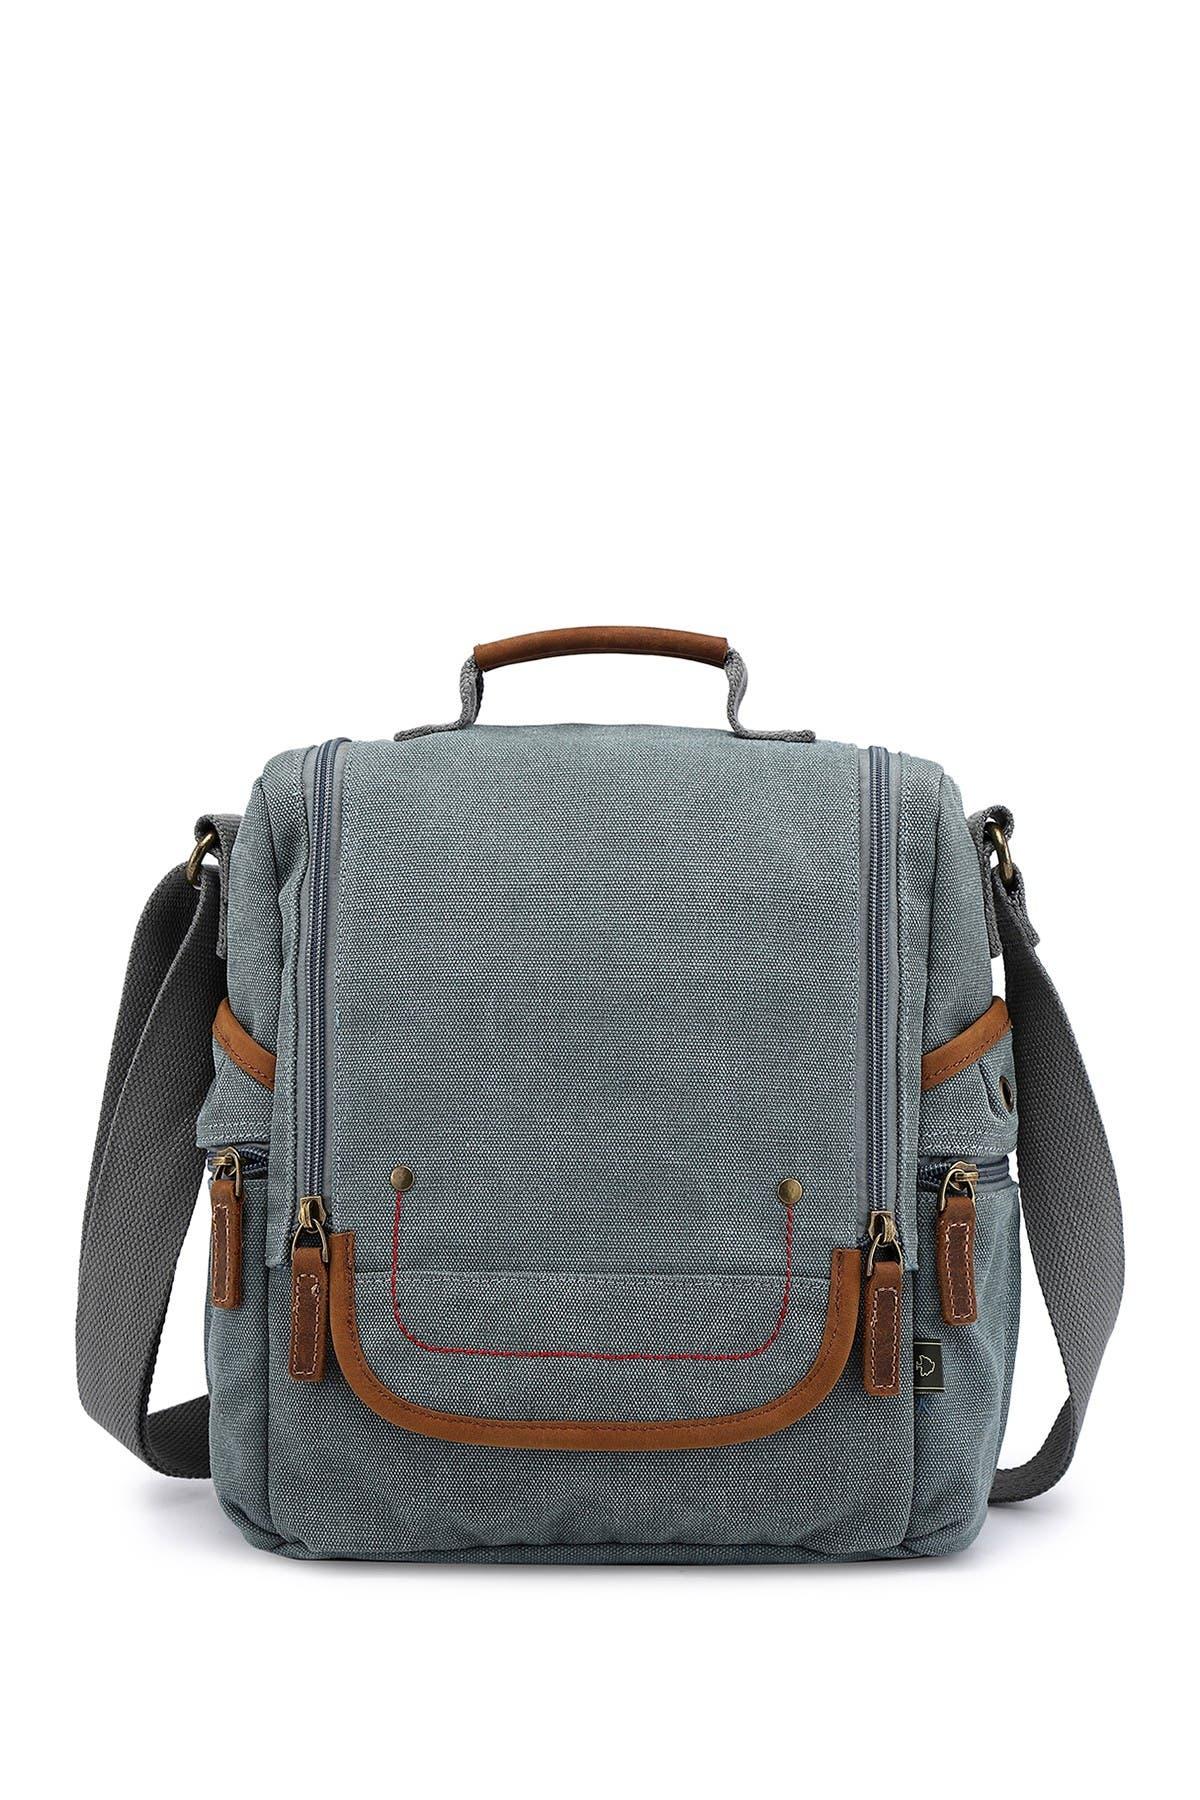 Image of TSD Atona Canvas Crossbody Bag